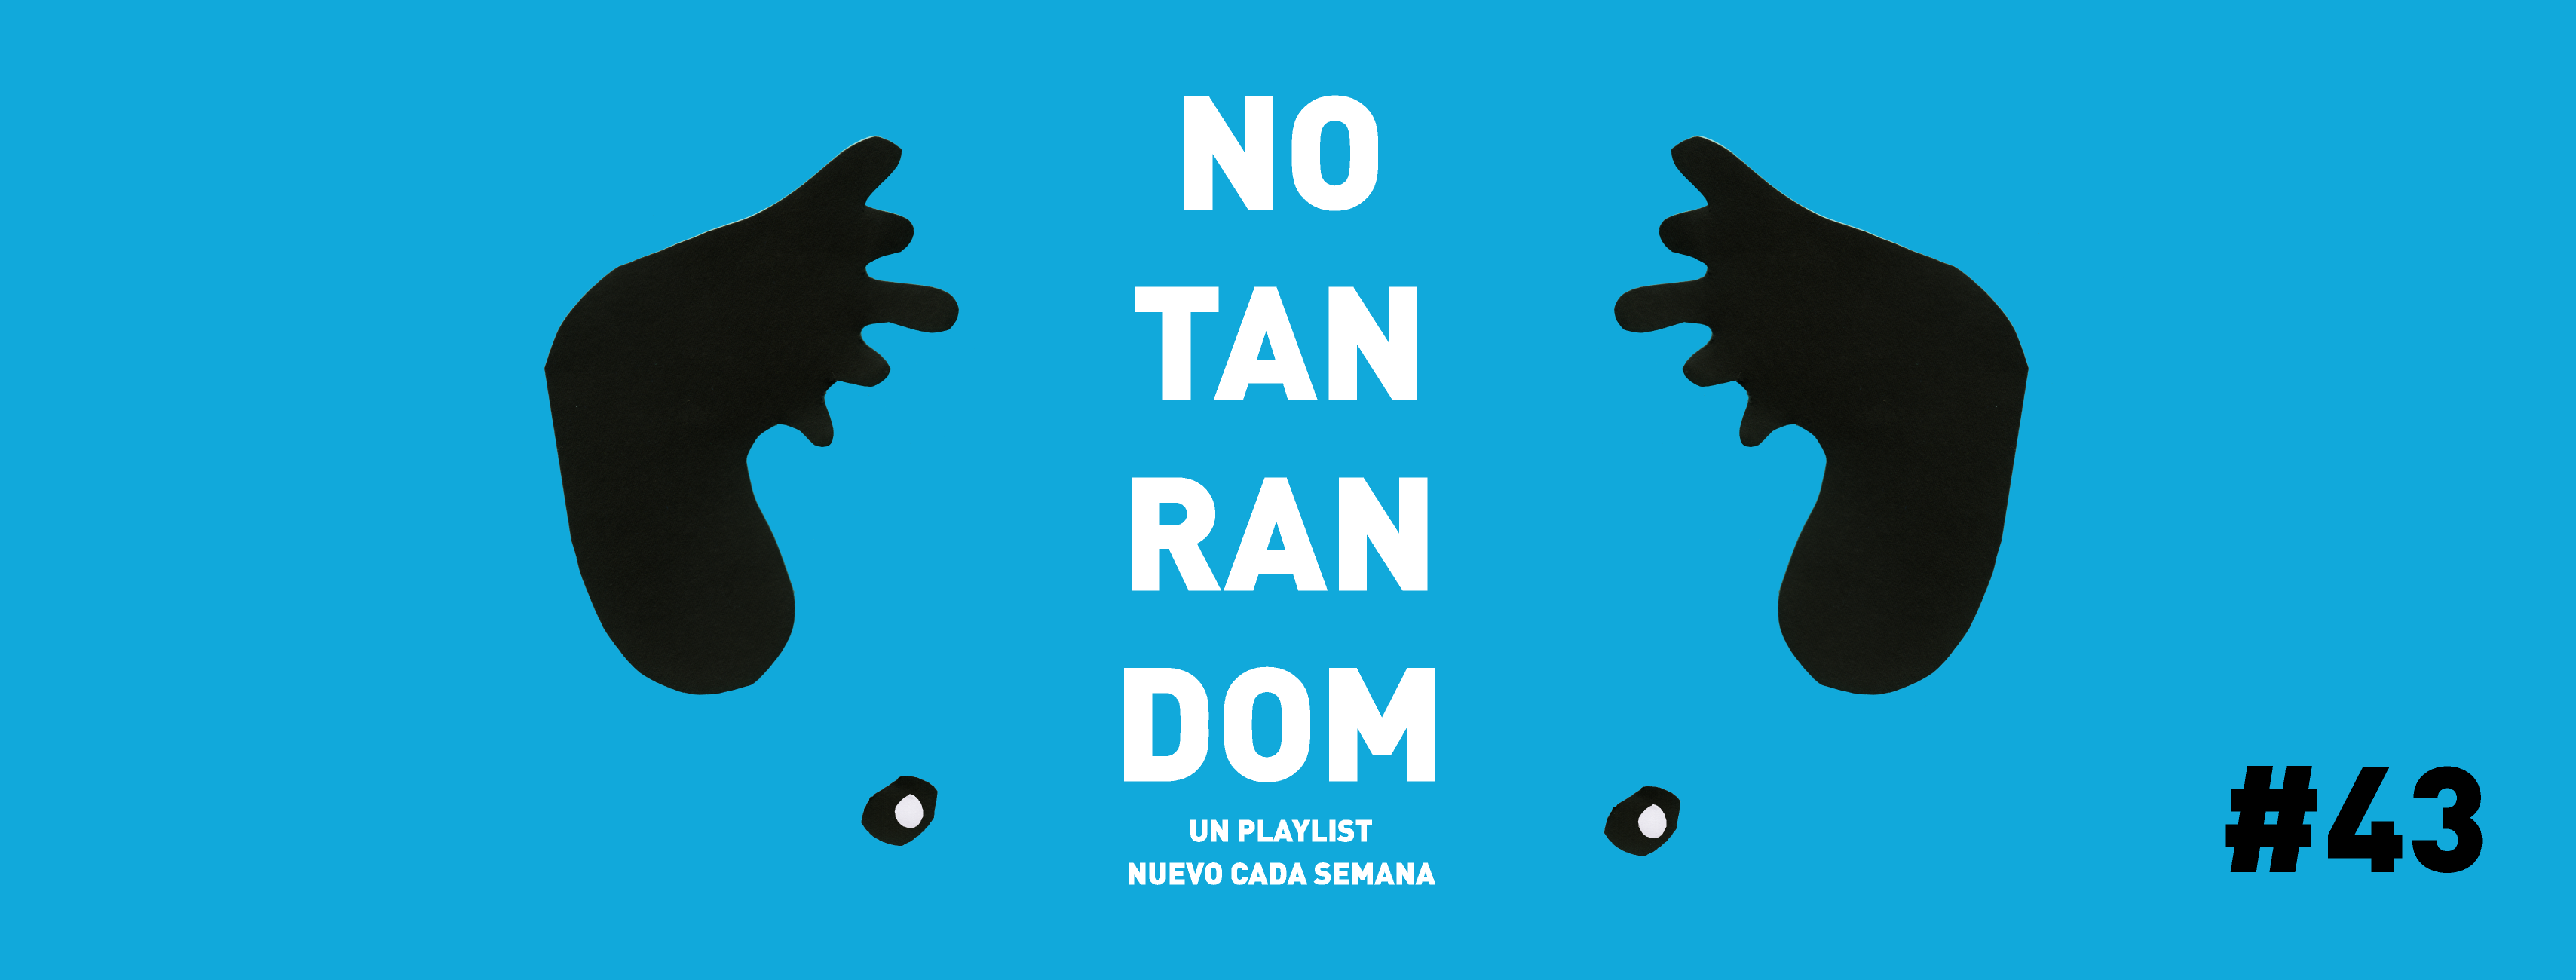 No tan Random #43